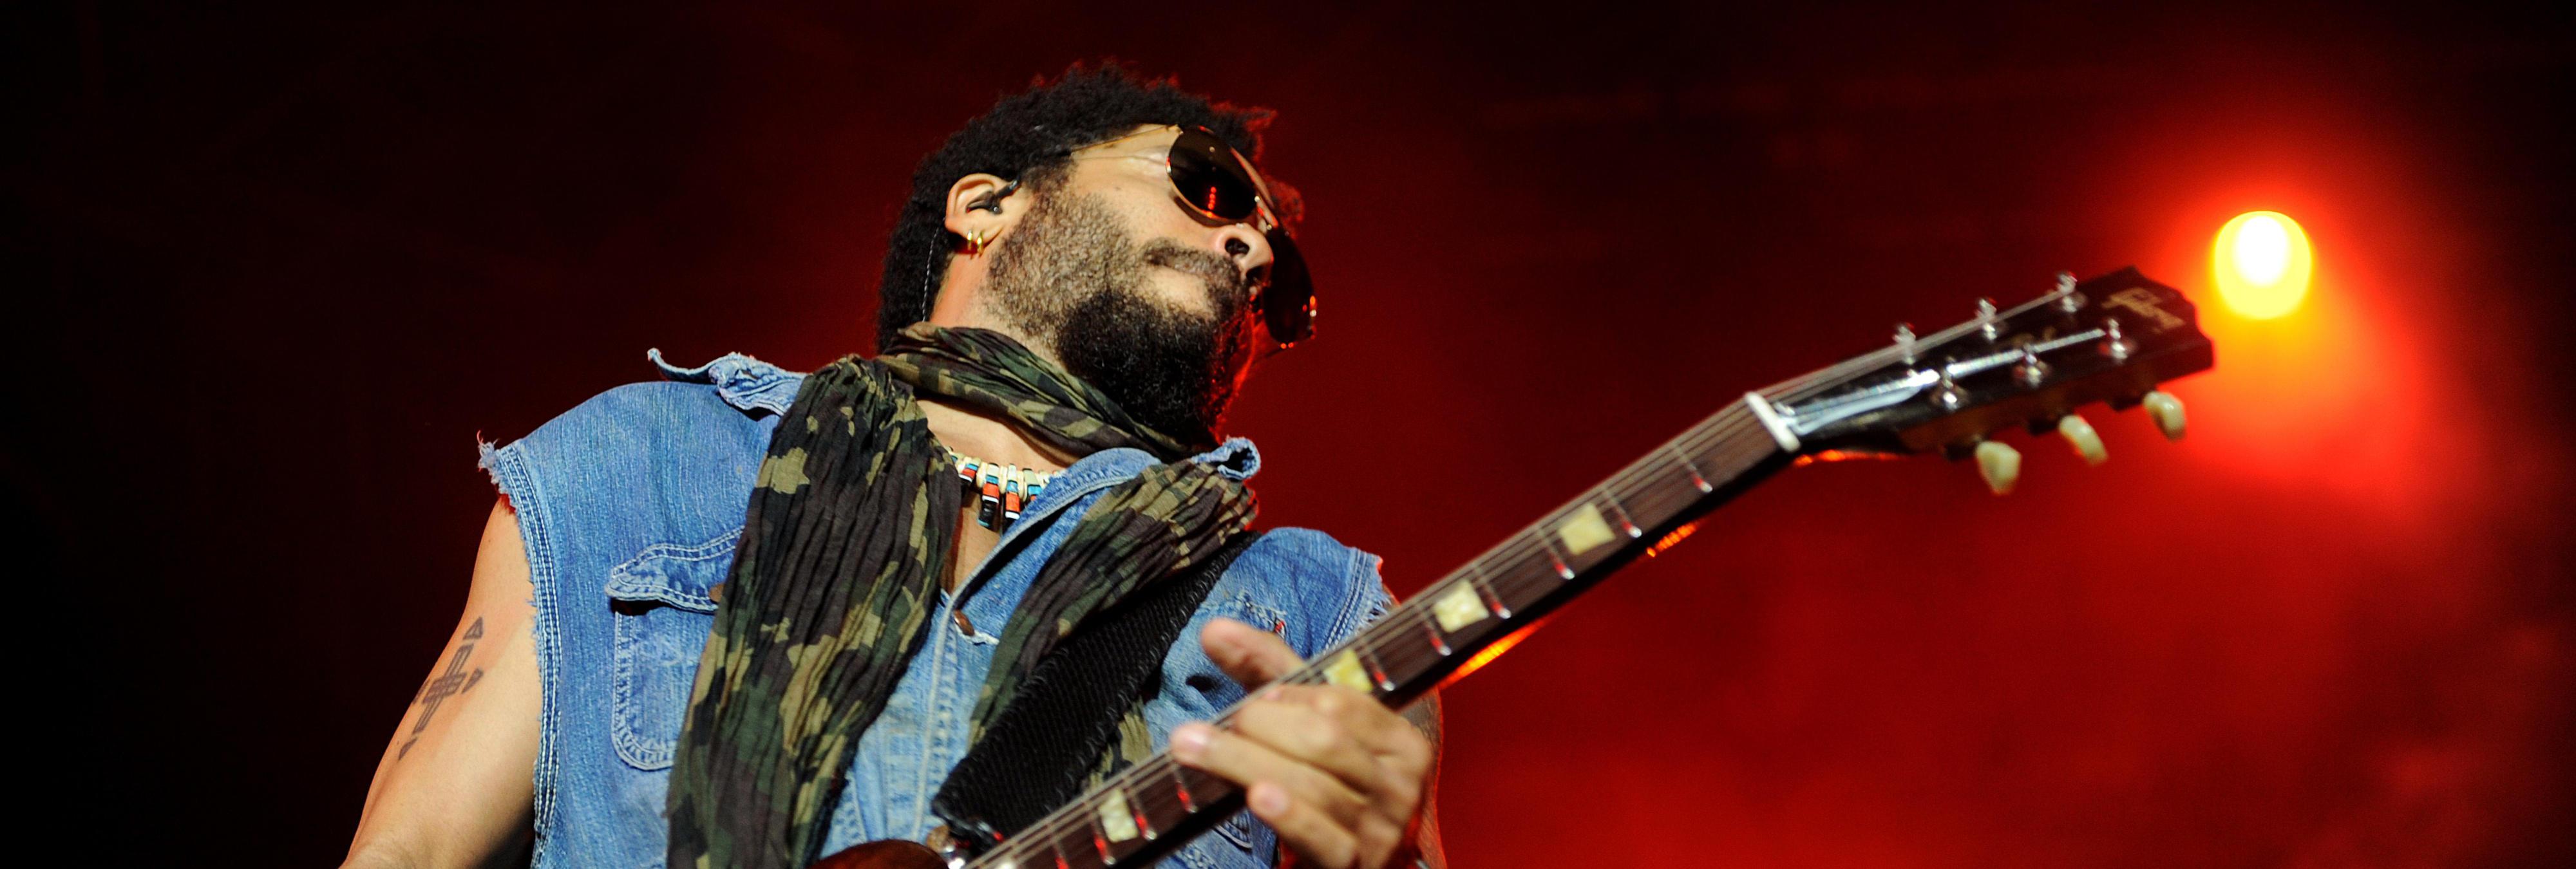 Lenny Kravitz enseña el pene en un concierto en Estocolmo